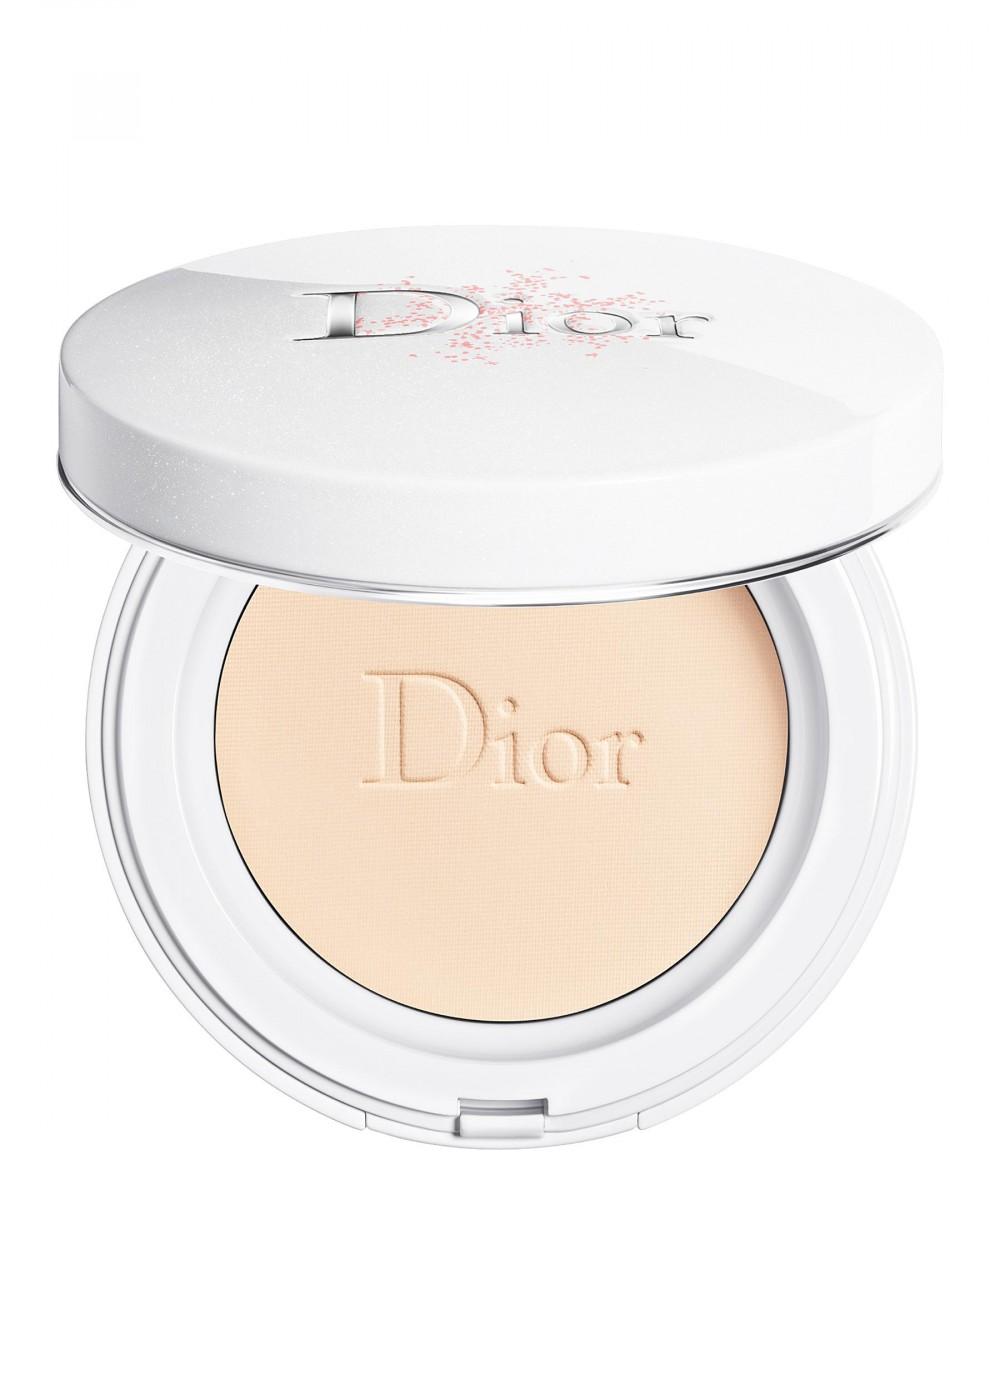 敏感肌化妝品推介_Dior 雪凝亮白炫光修護粉餅